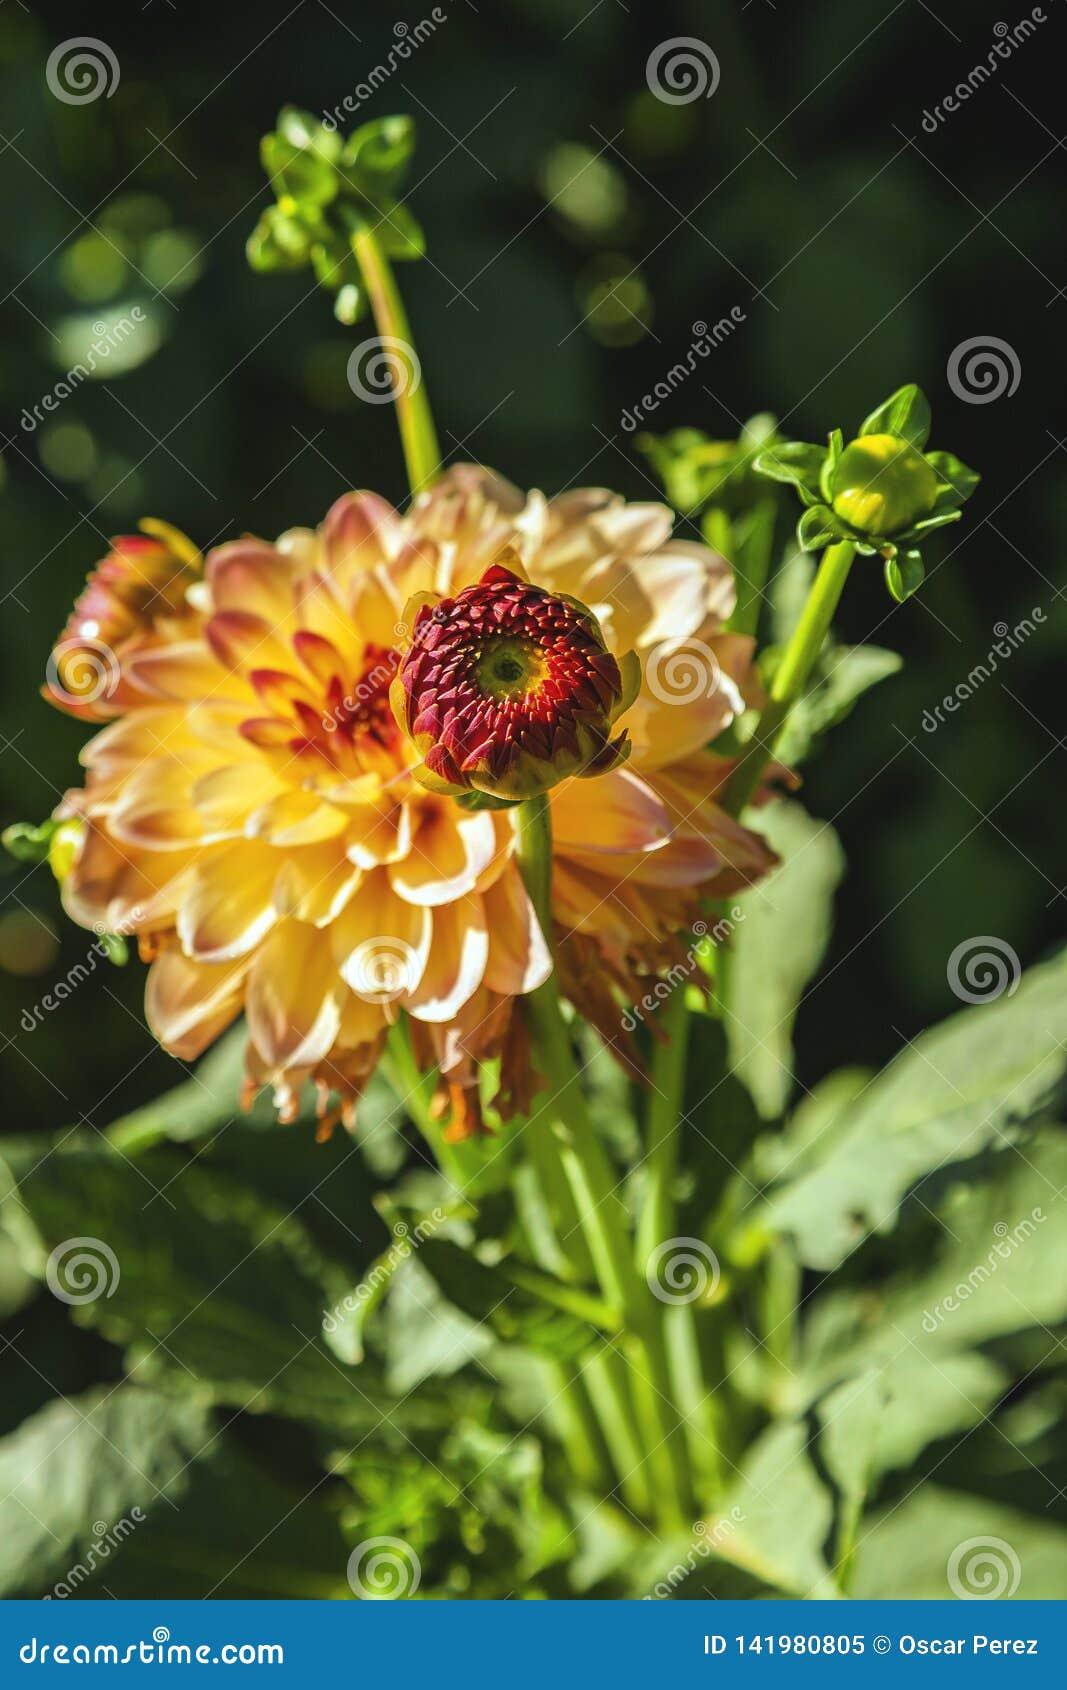 Dahlia flower grown in wild field